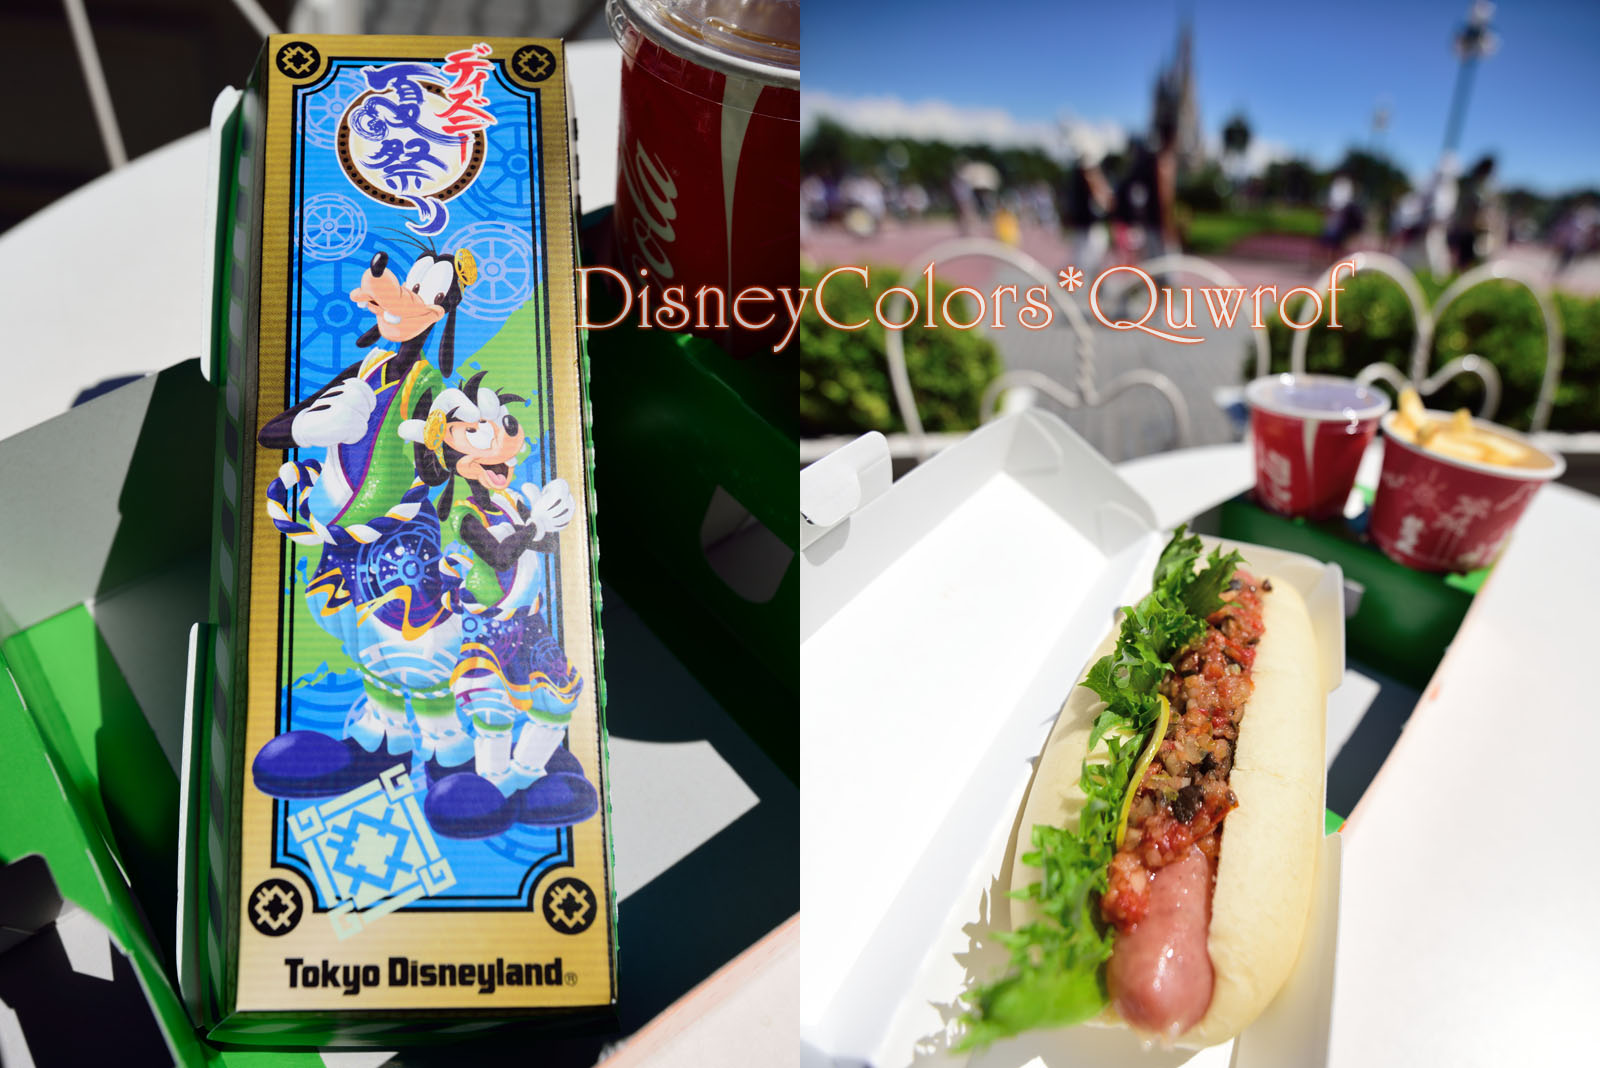 リフレッシュメントコーナー ディズニー夏祭り スペシャルセット